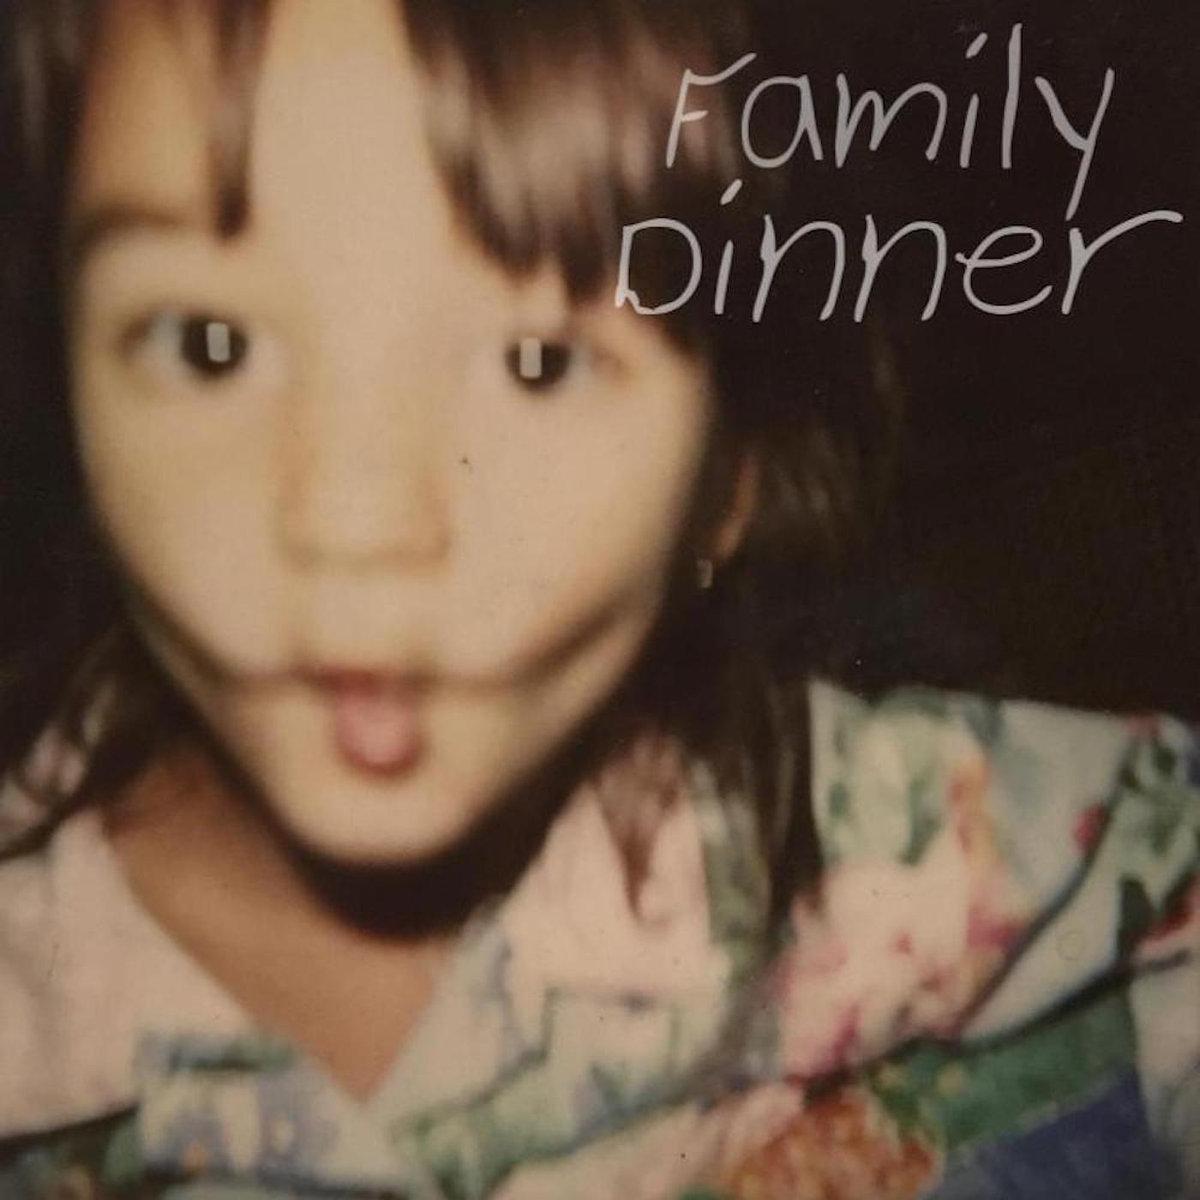 Family Dinner – Stagnant